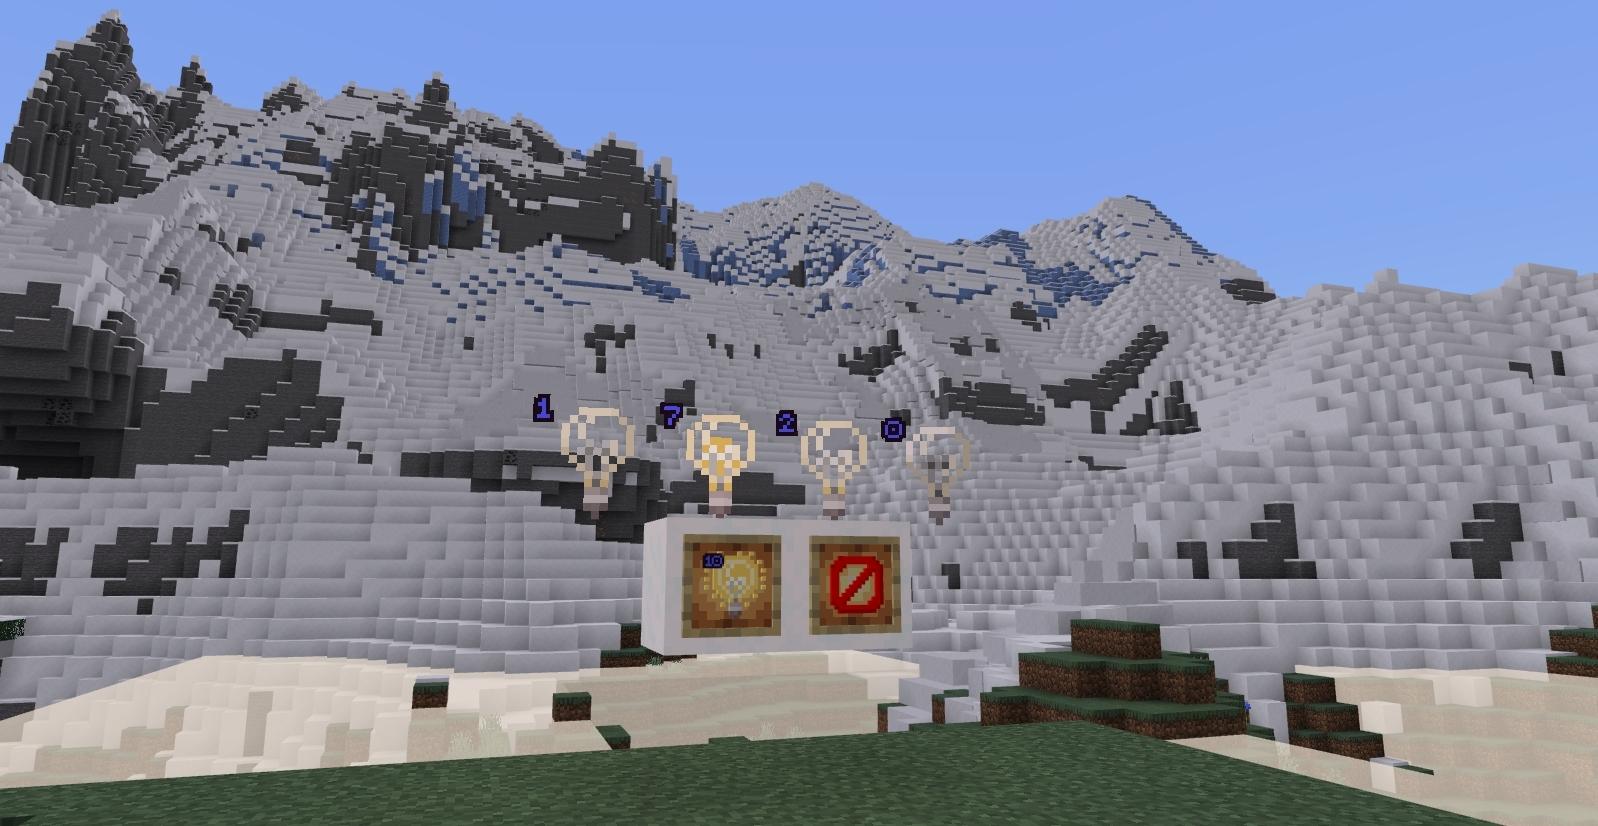 Minecraft 基岩版 Beta 1.17.30.20 发布